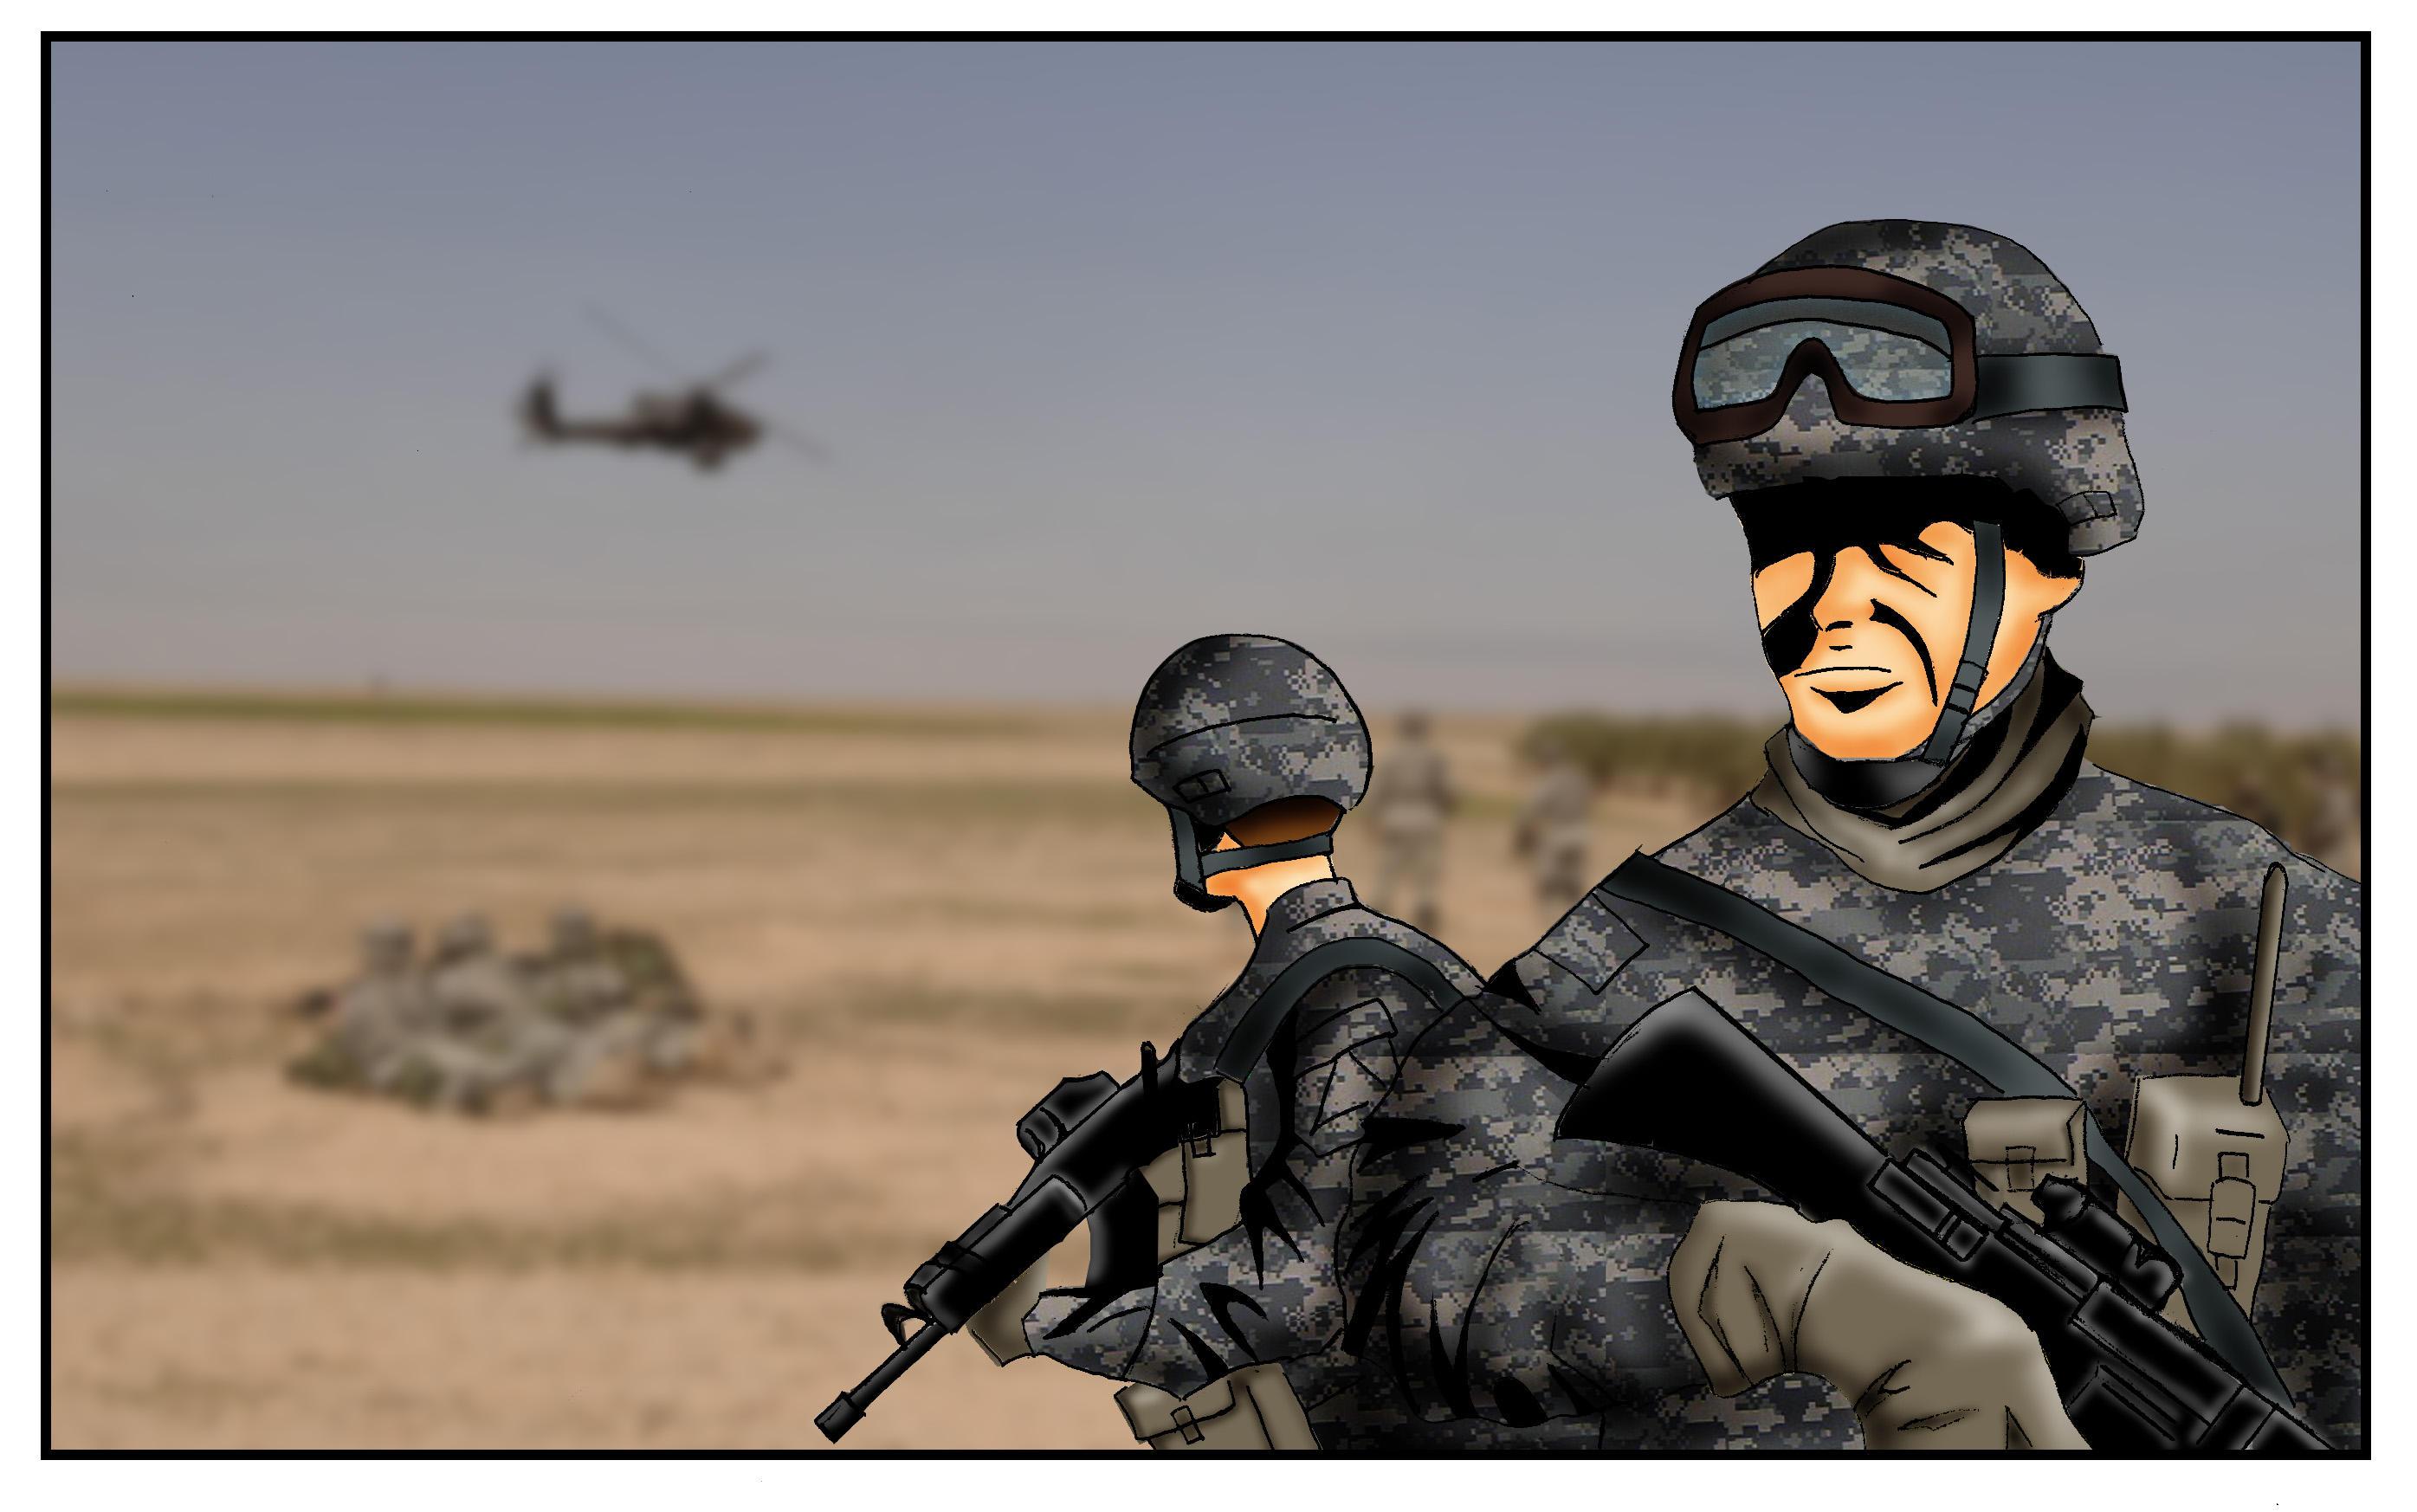 Soldados by Kaltos